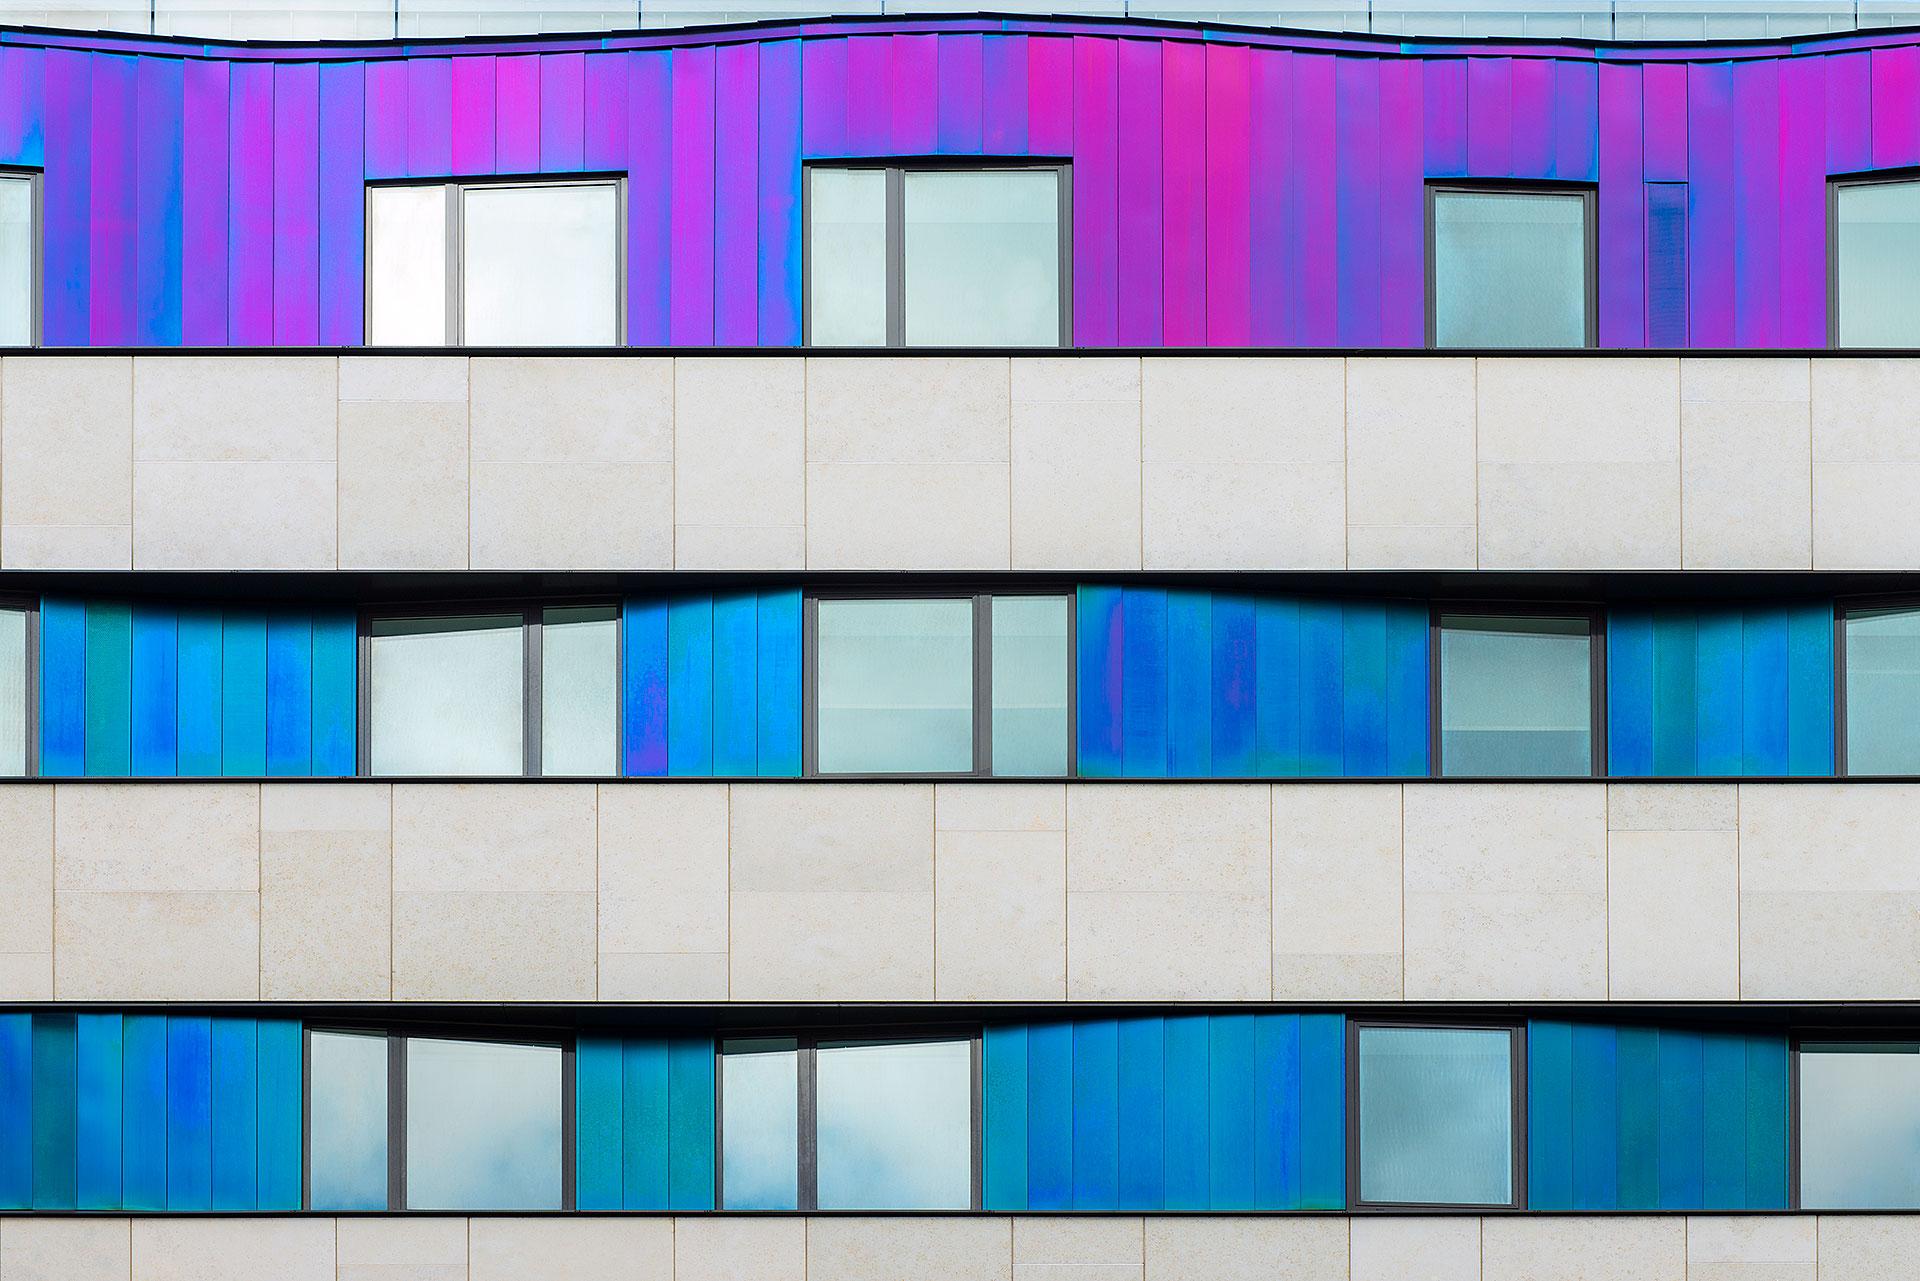 zdjęcie budynku z filtrem polaryzacyjnym